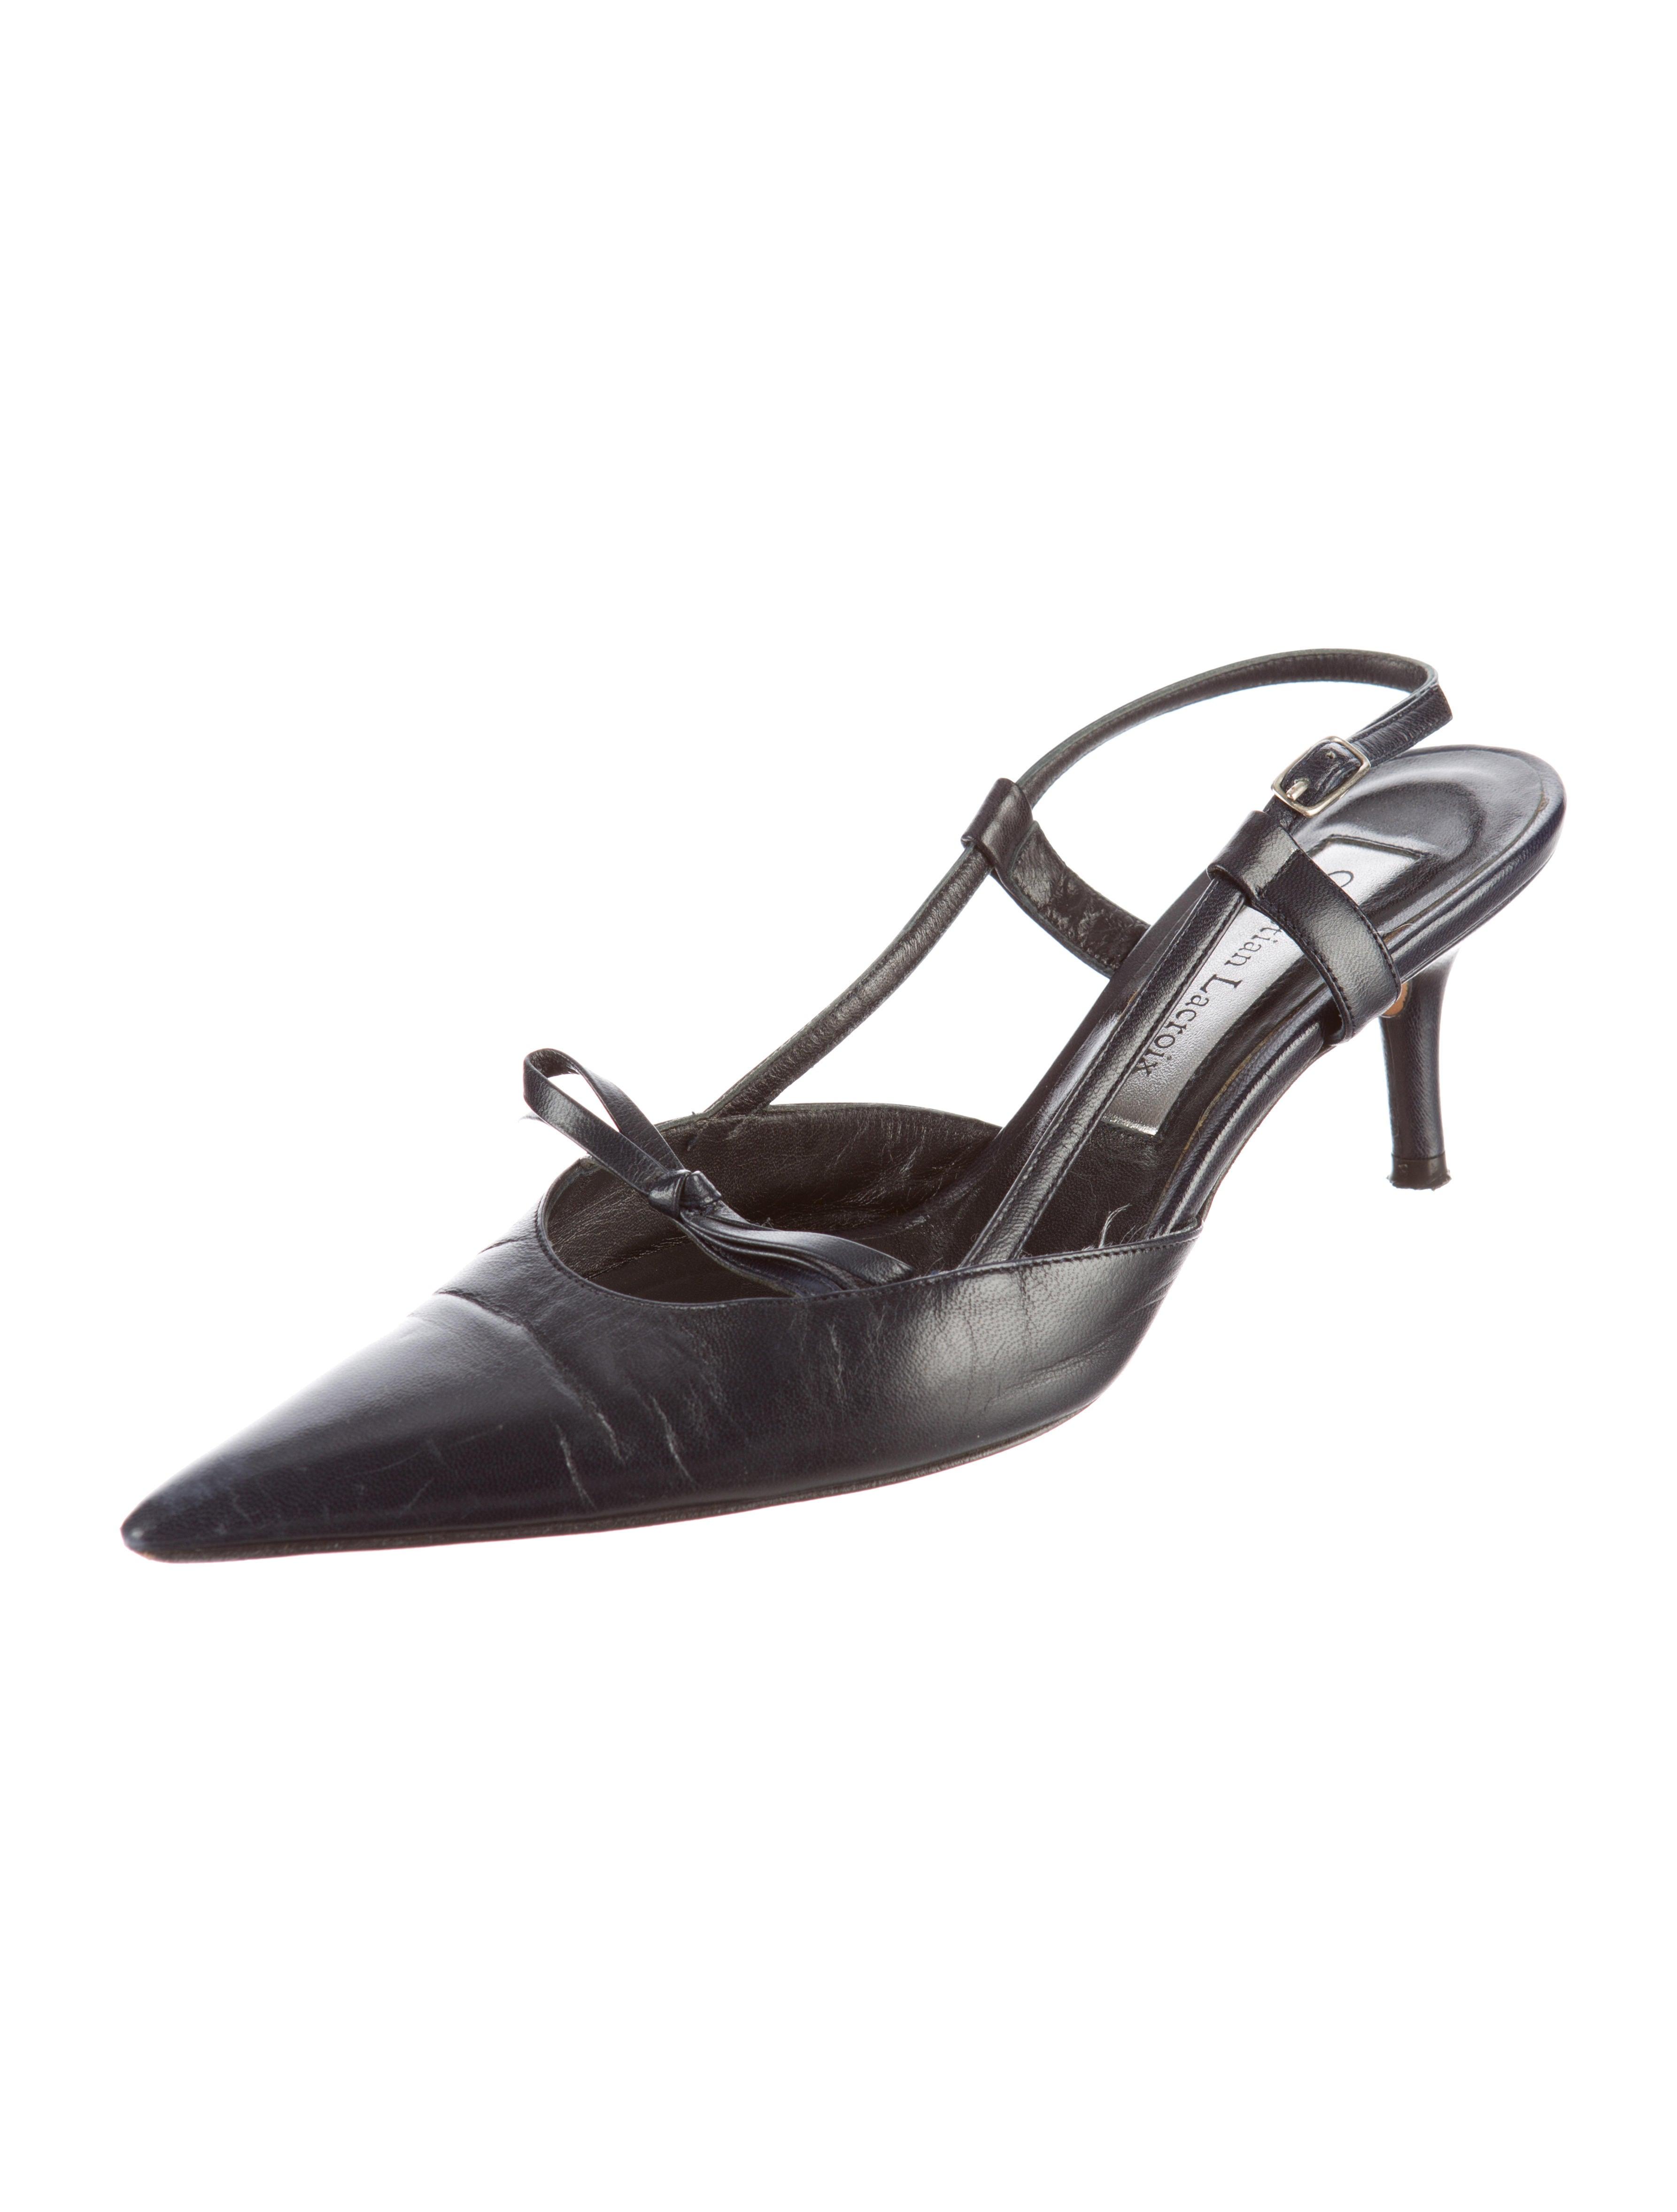 Christian Lacroix Leather Slingback Pumps Shoes